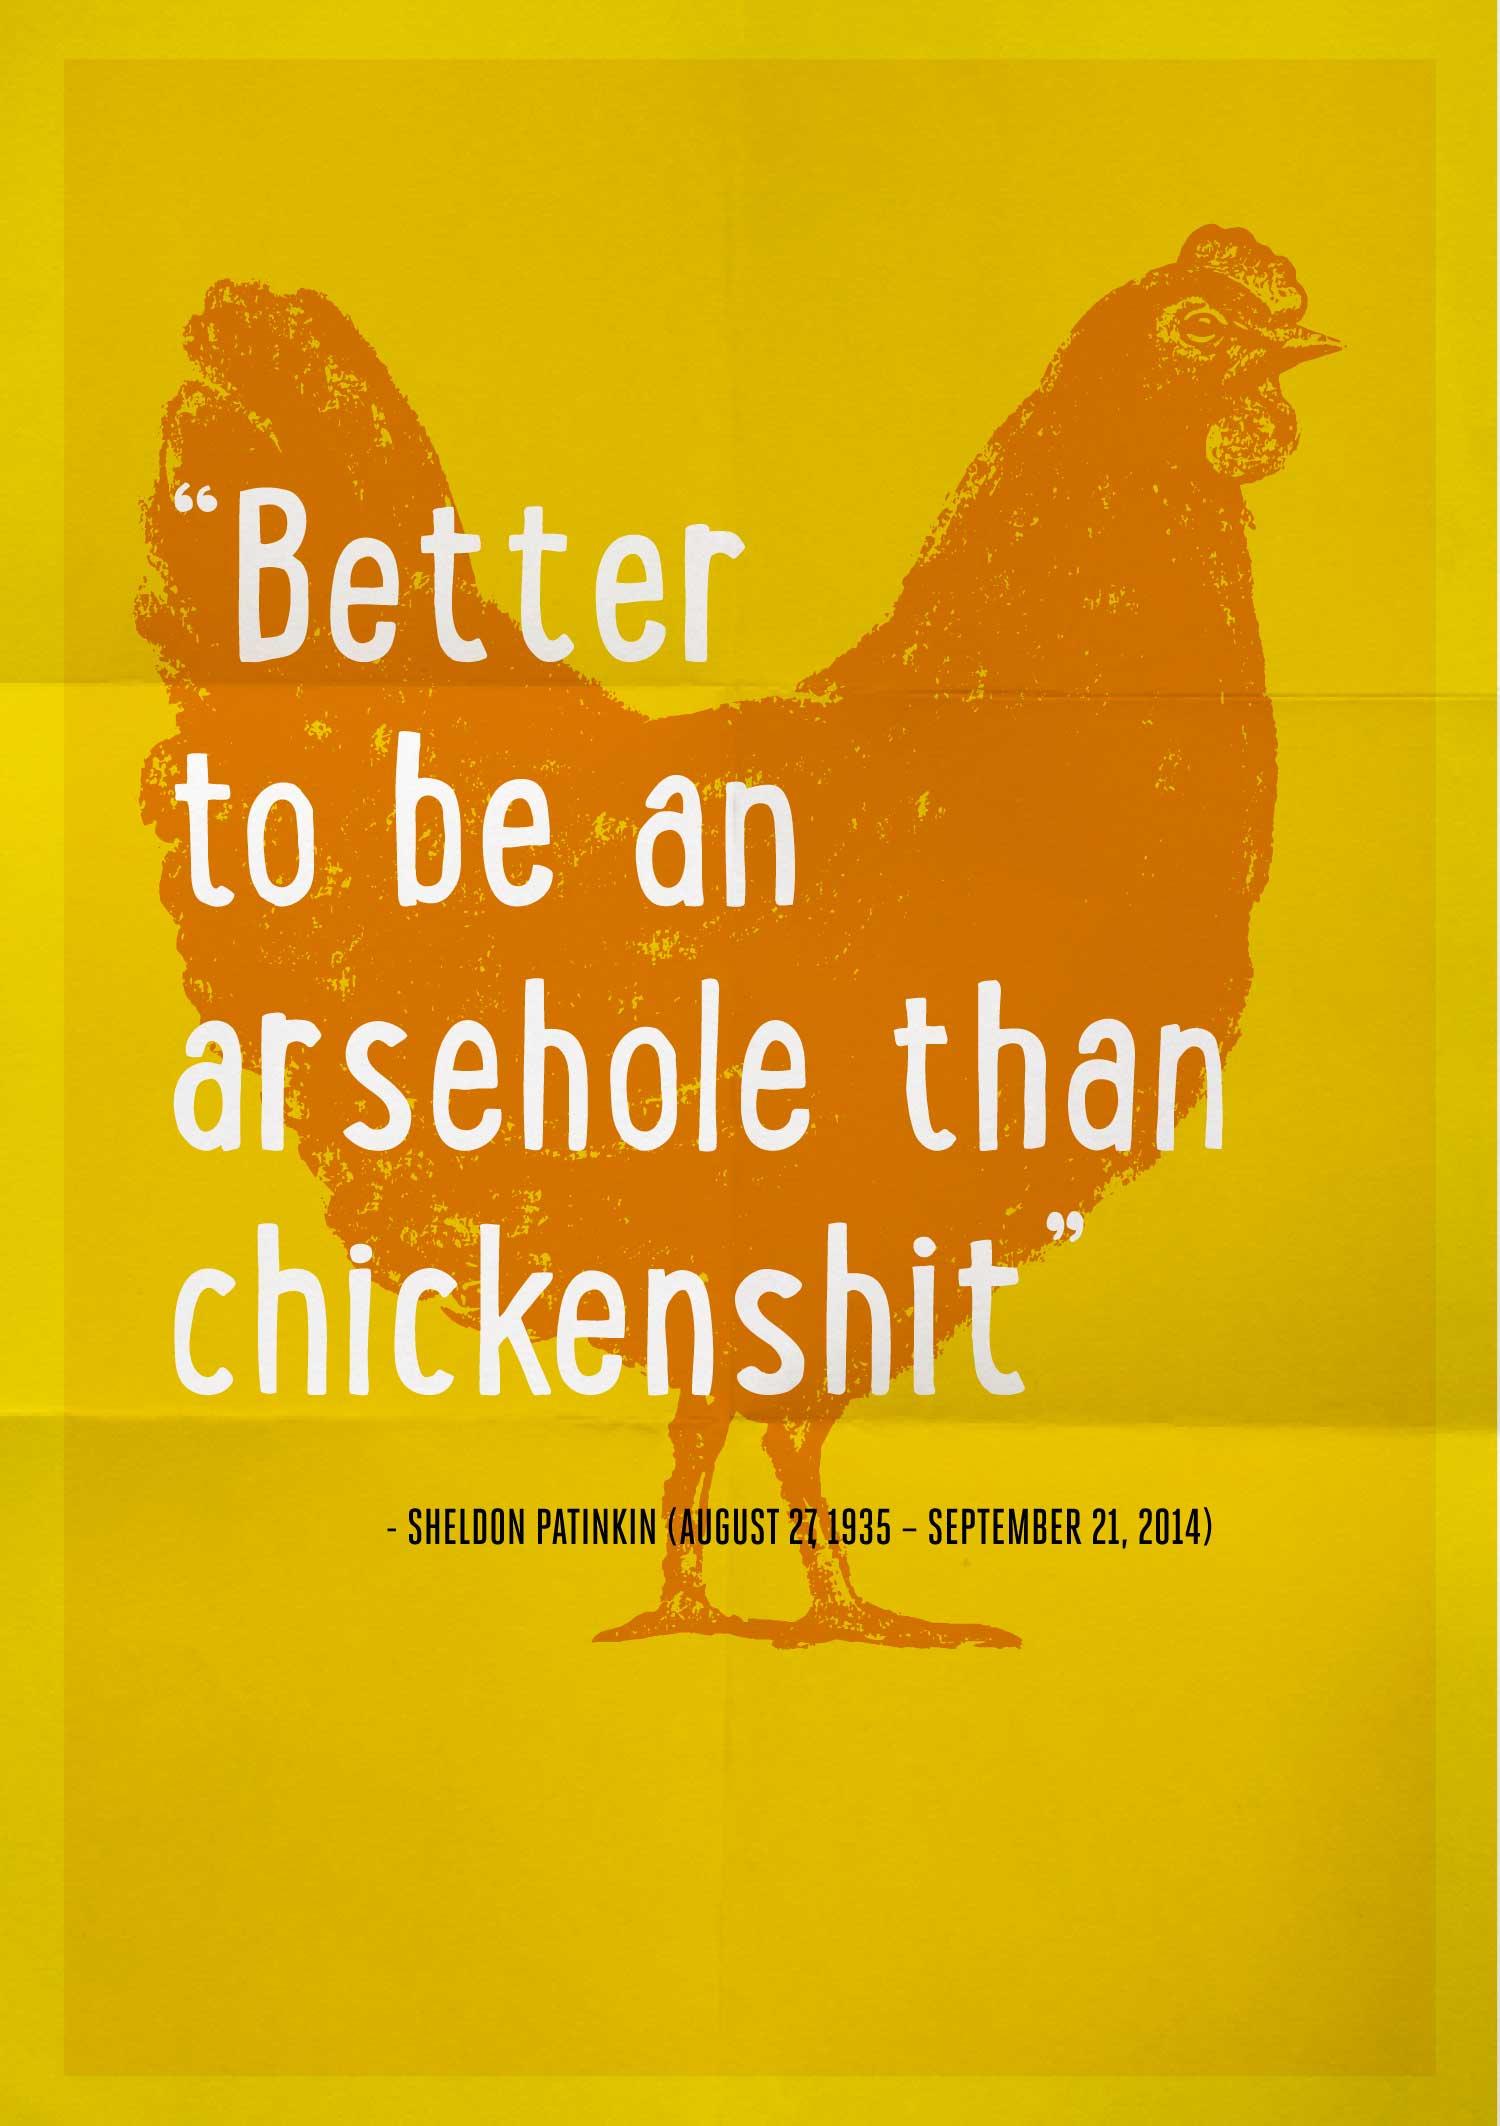 chickenshit